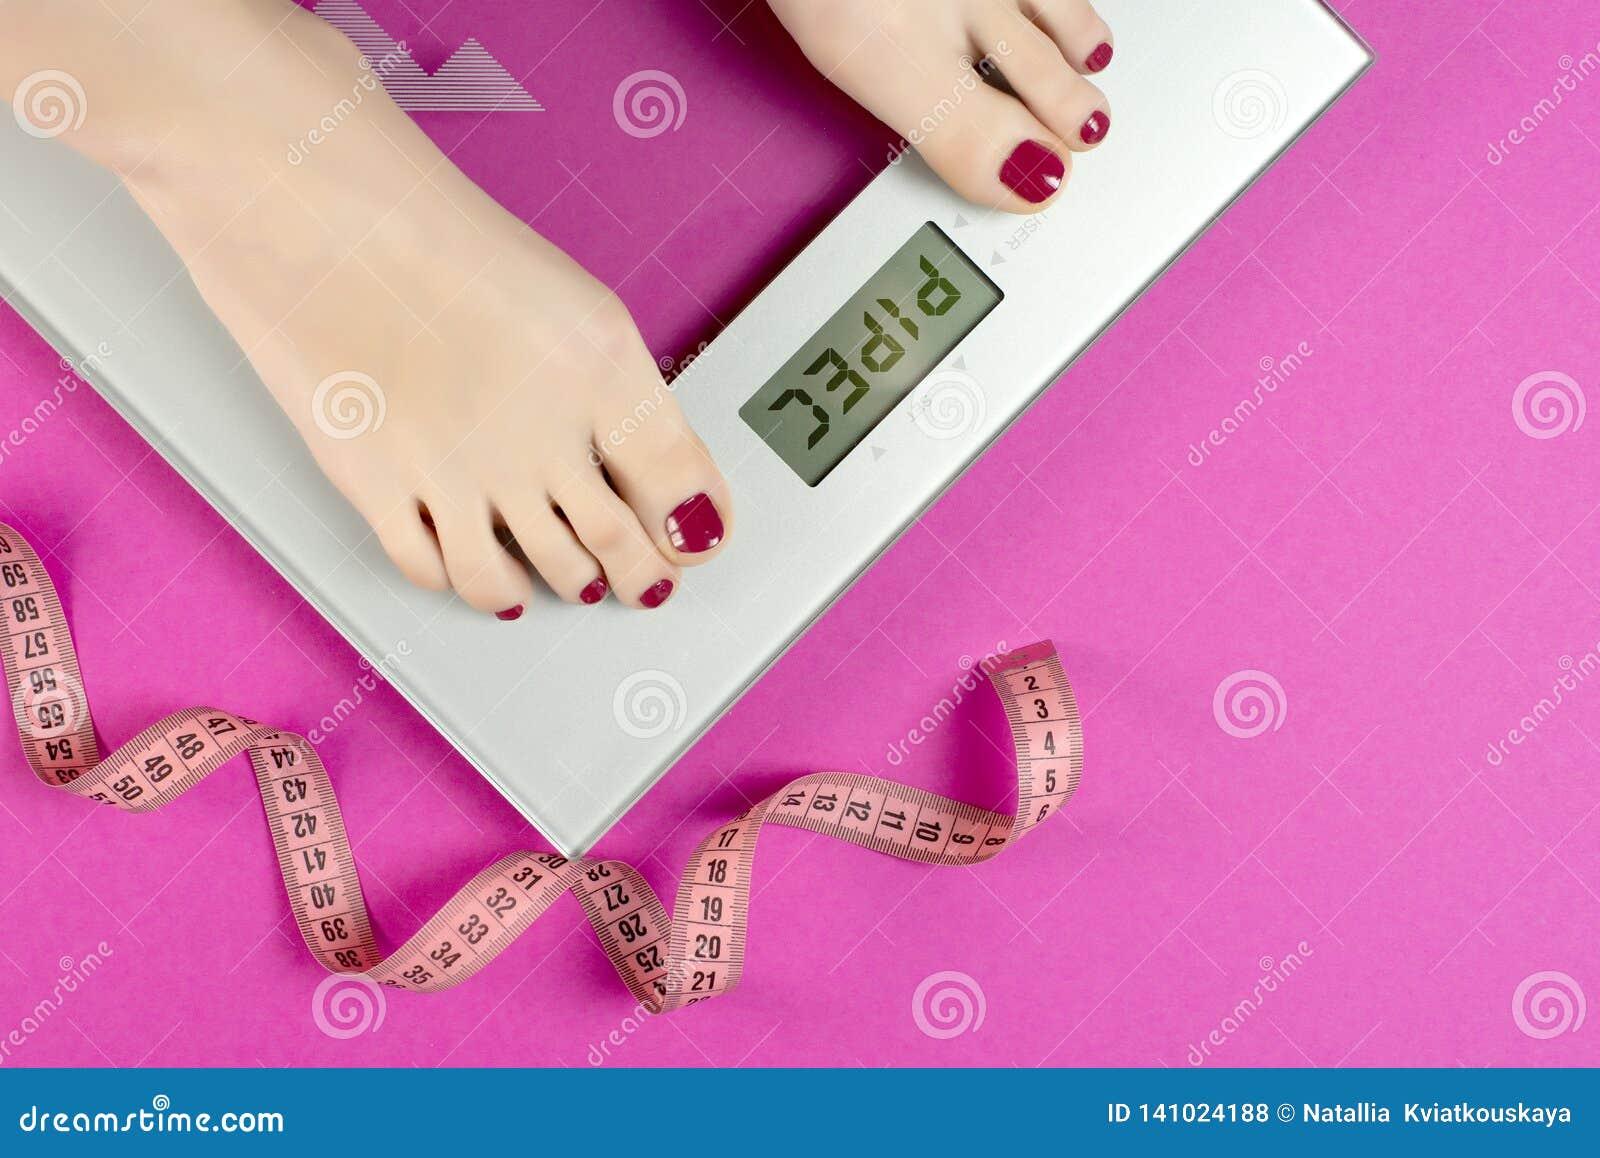 Mierzy taśmy i skal na różowym tle z słowa pipec Dieta treningu i planu kobiety przed lato sezonem